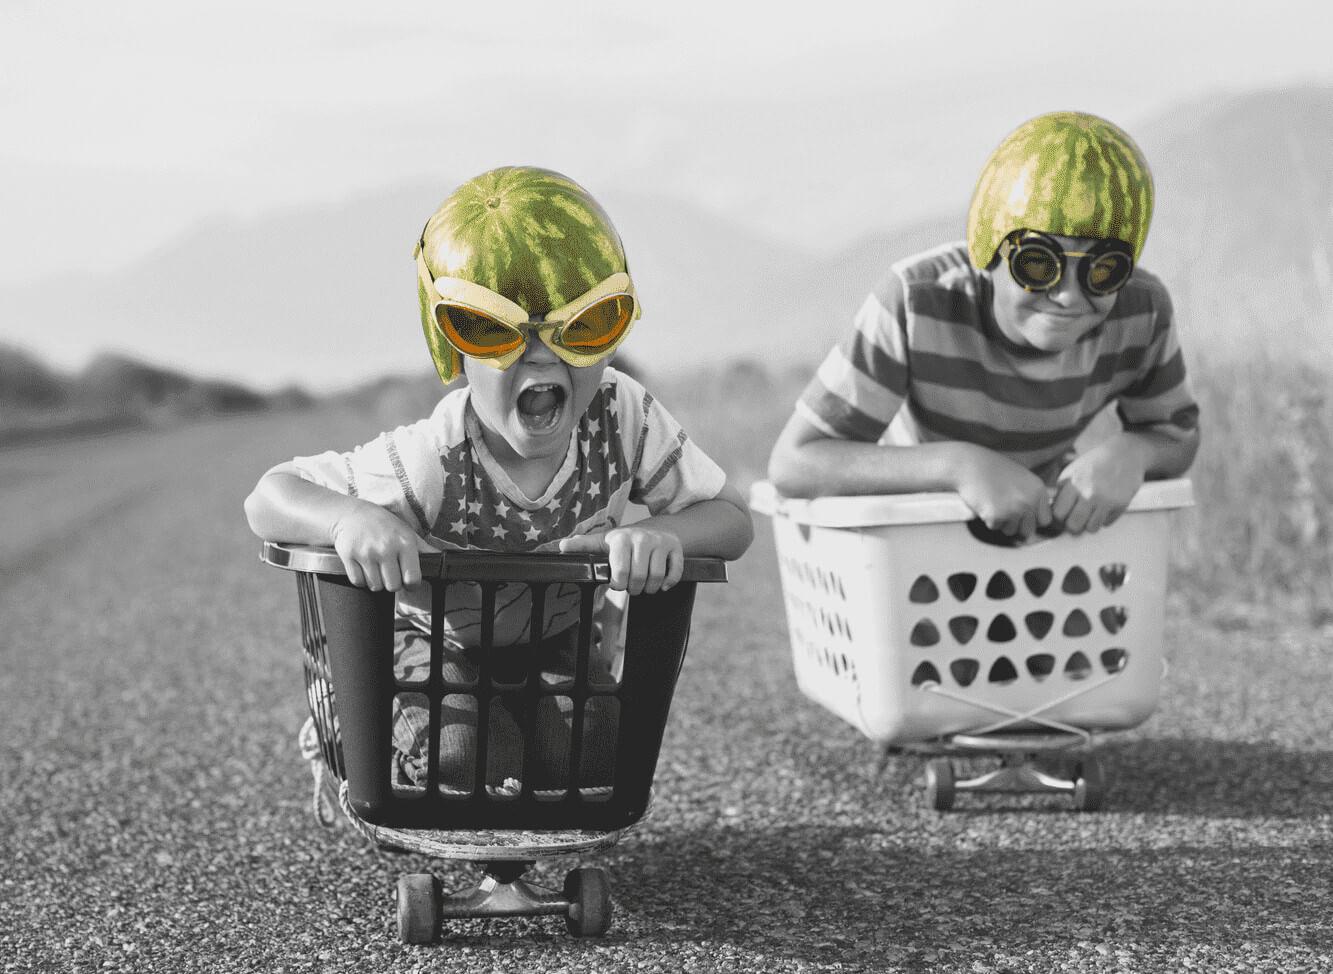 enfants qui jouent à l'aviateur